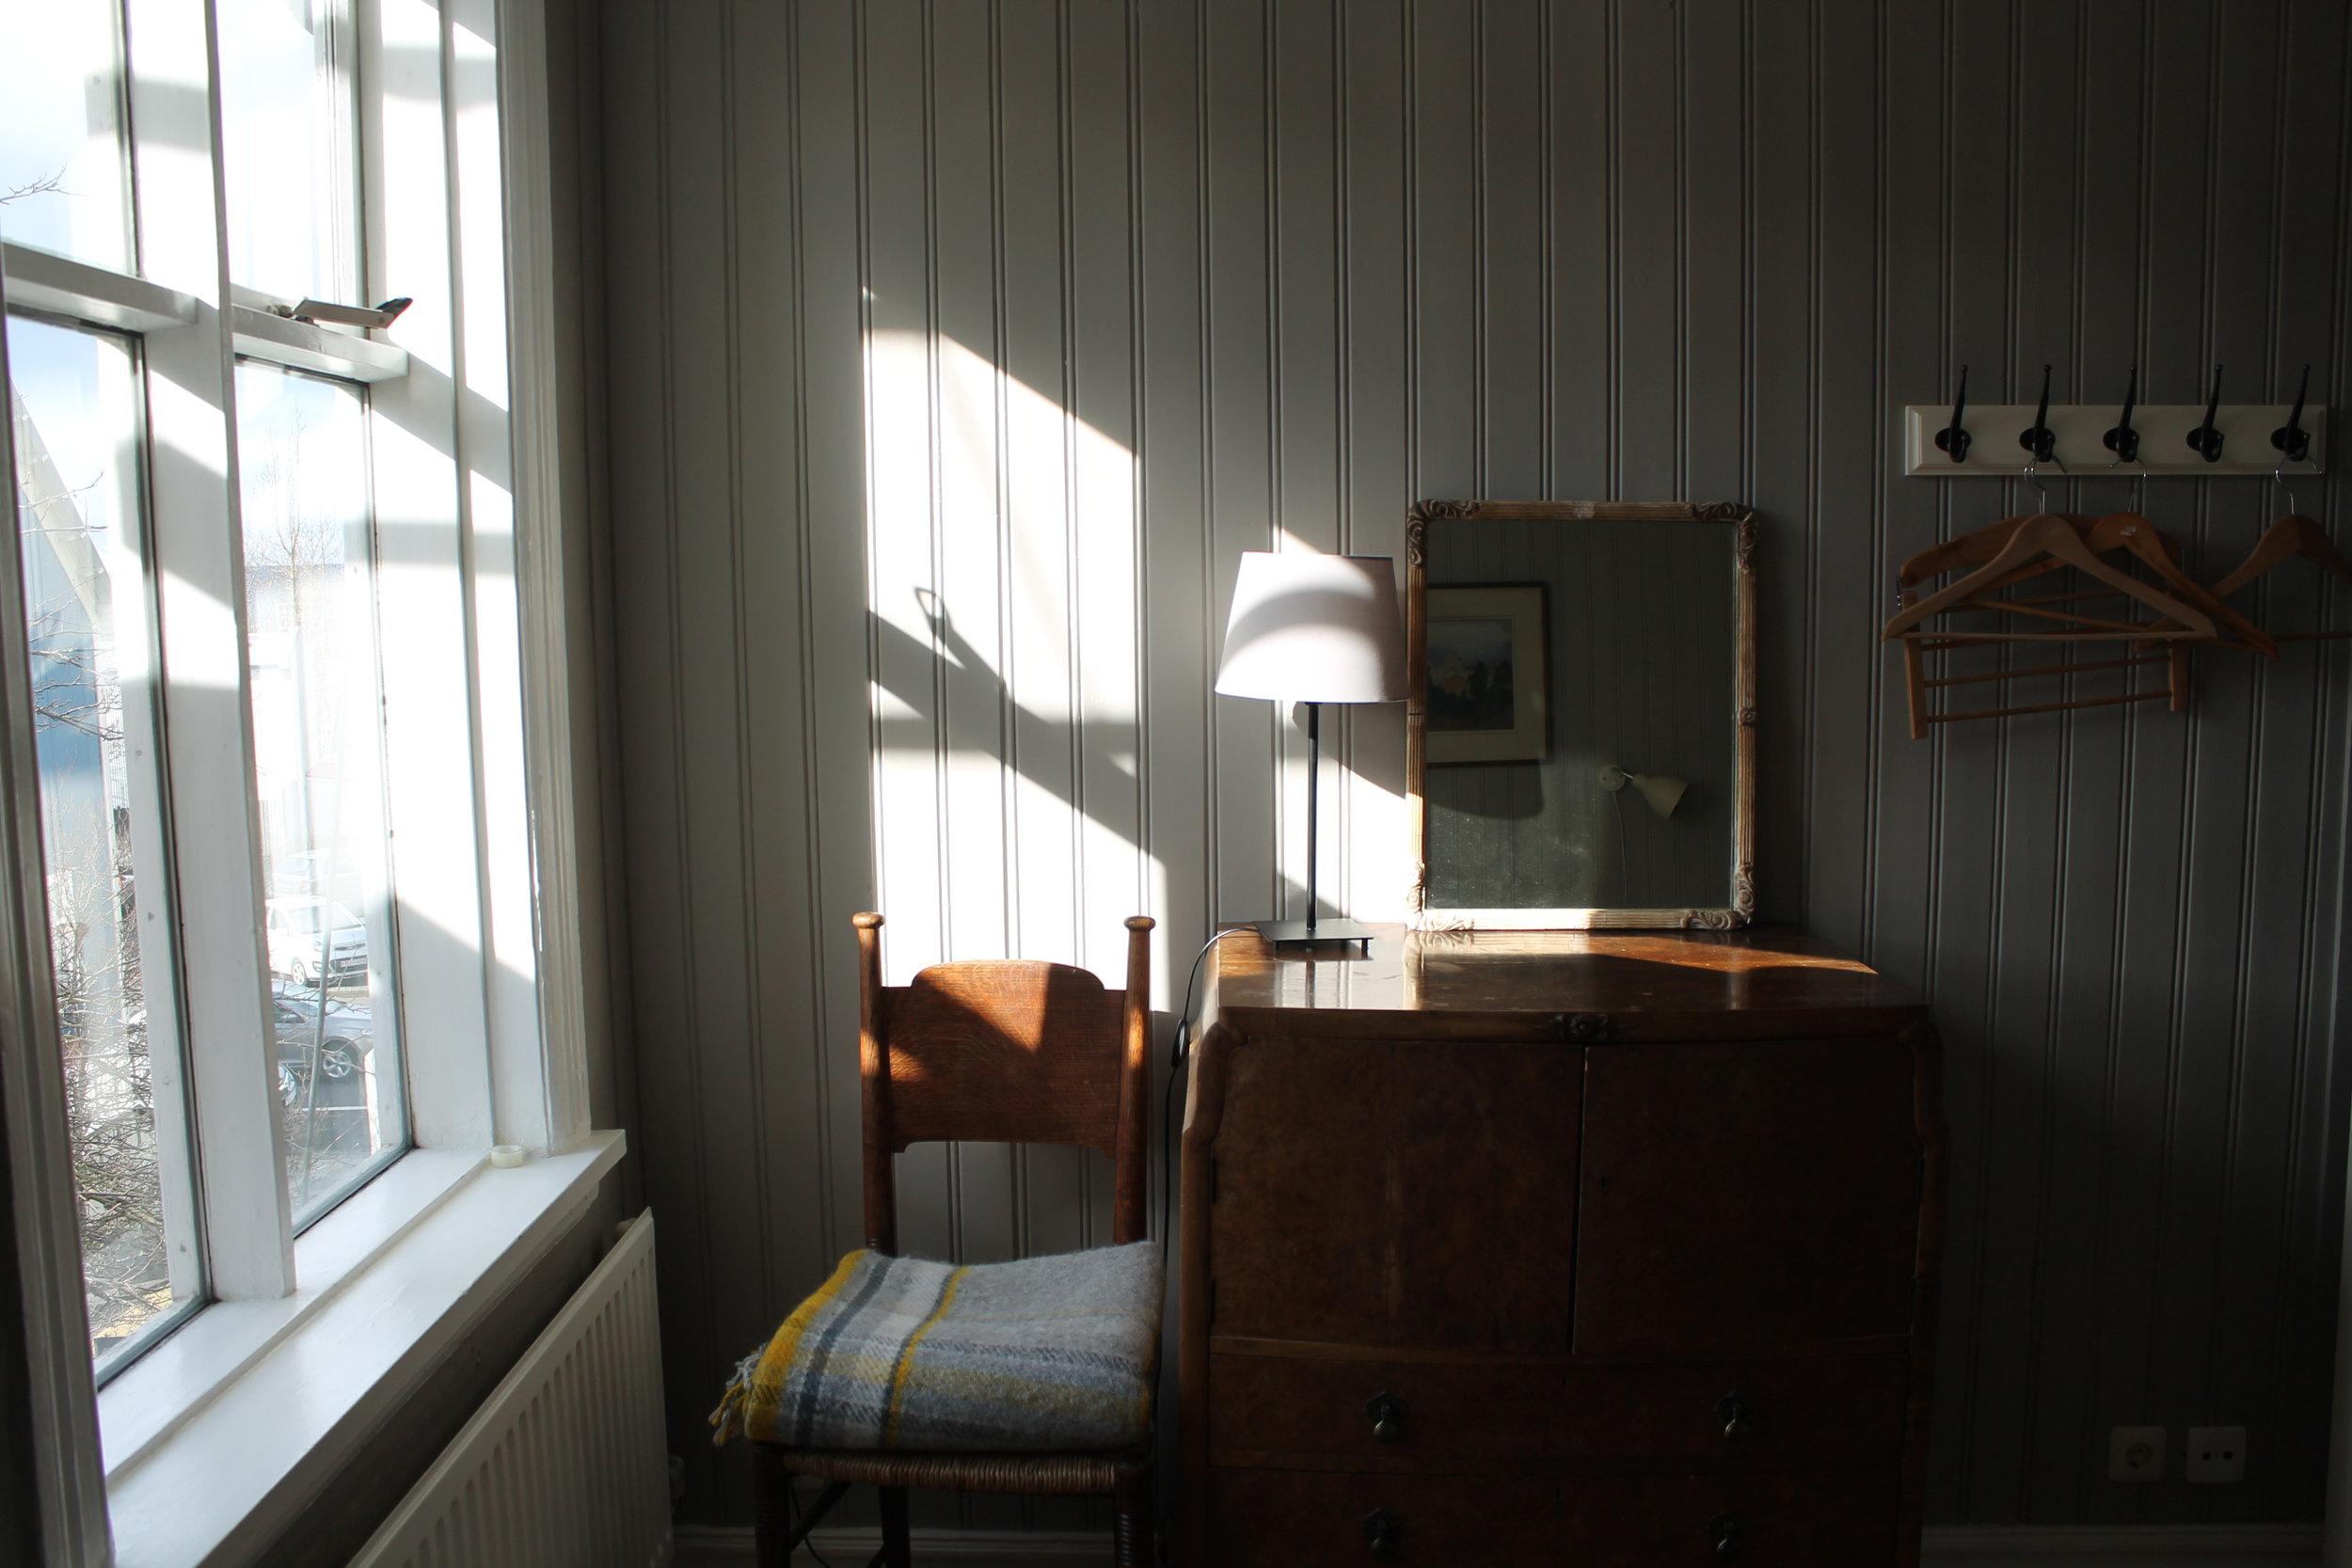 Becky's room